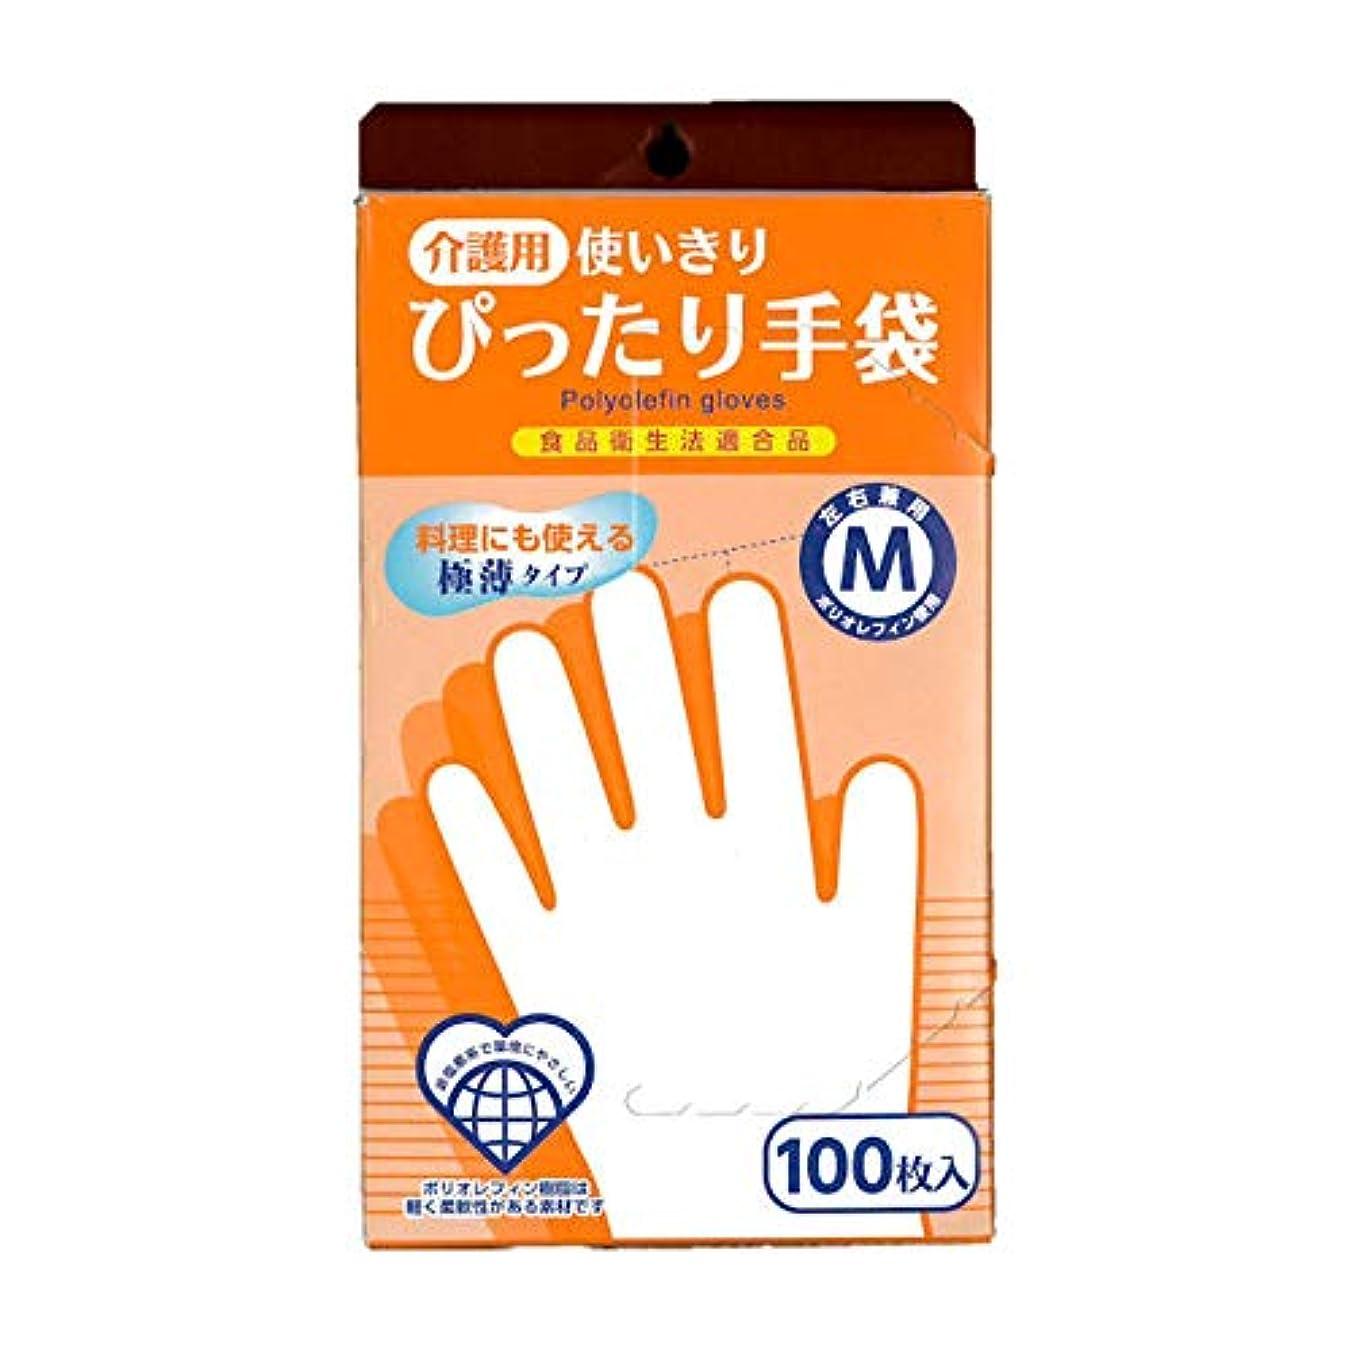 スタジオブラケット農業の奥田薬品 介護用 使いきりぴったり手袋 Mサイズ 100枚